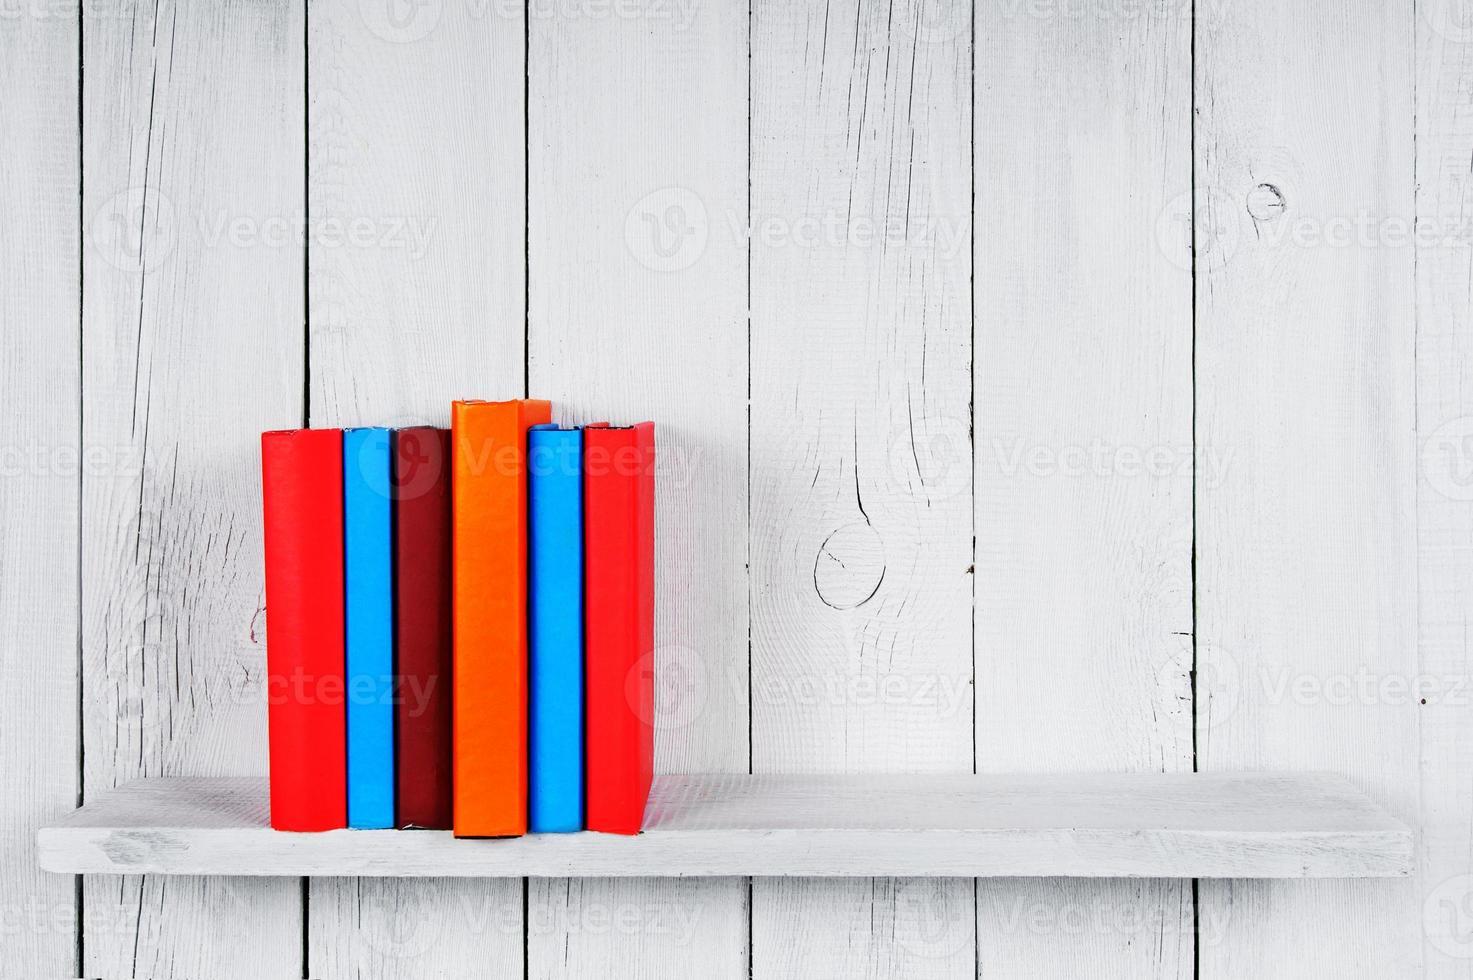 Bücher auf einem Holzregal. foto